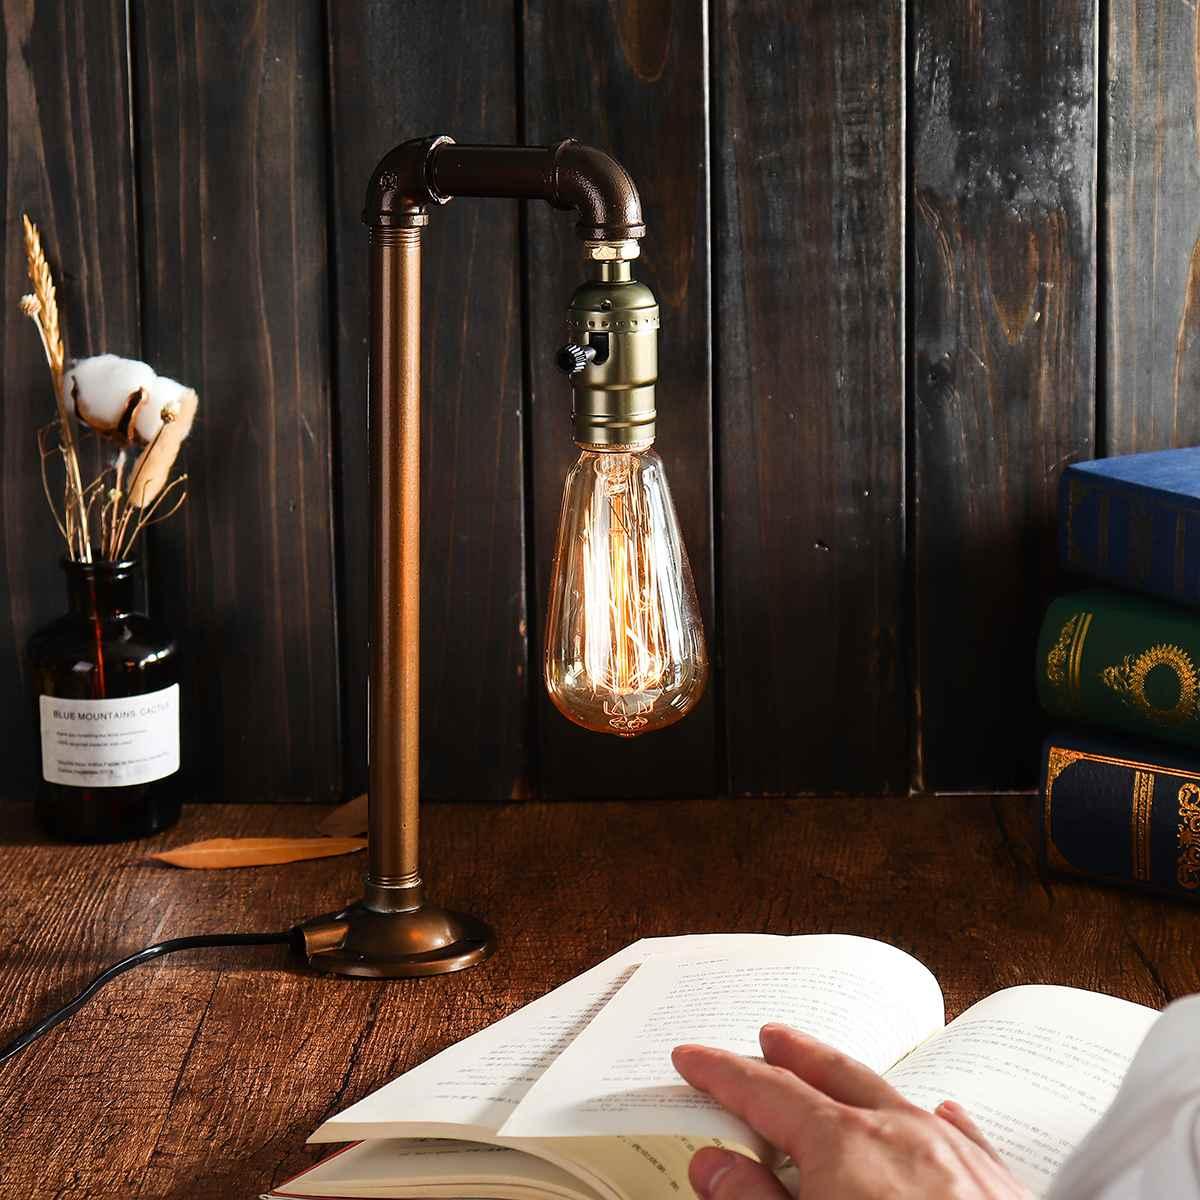 Su Borusu Endüstriyel Masa Lambası E27 ampul ışık Eski Masa Masa Lambası lamba aksesuarı iç mekan aydınlatması Ev Yatak Odası Dekorasyon